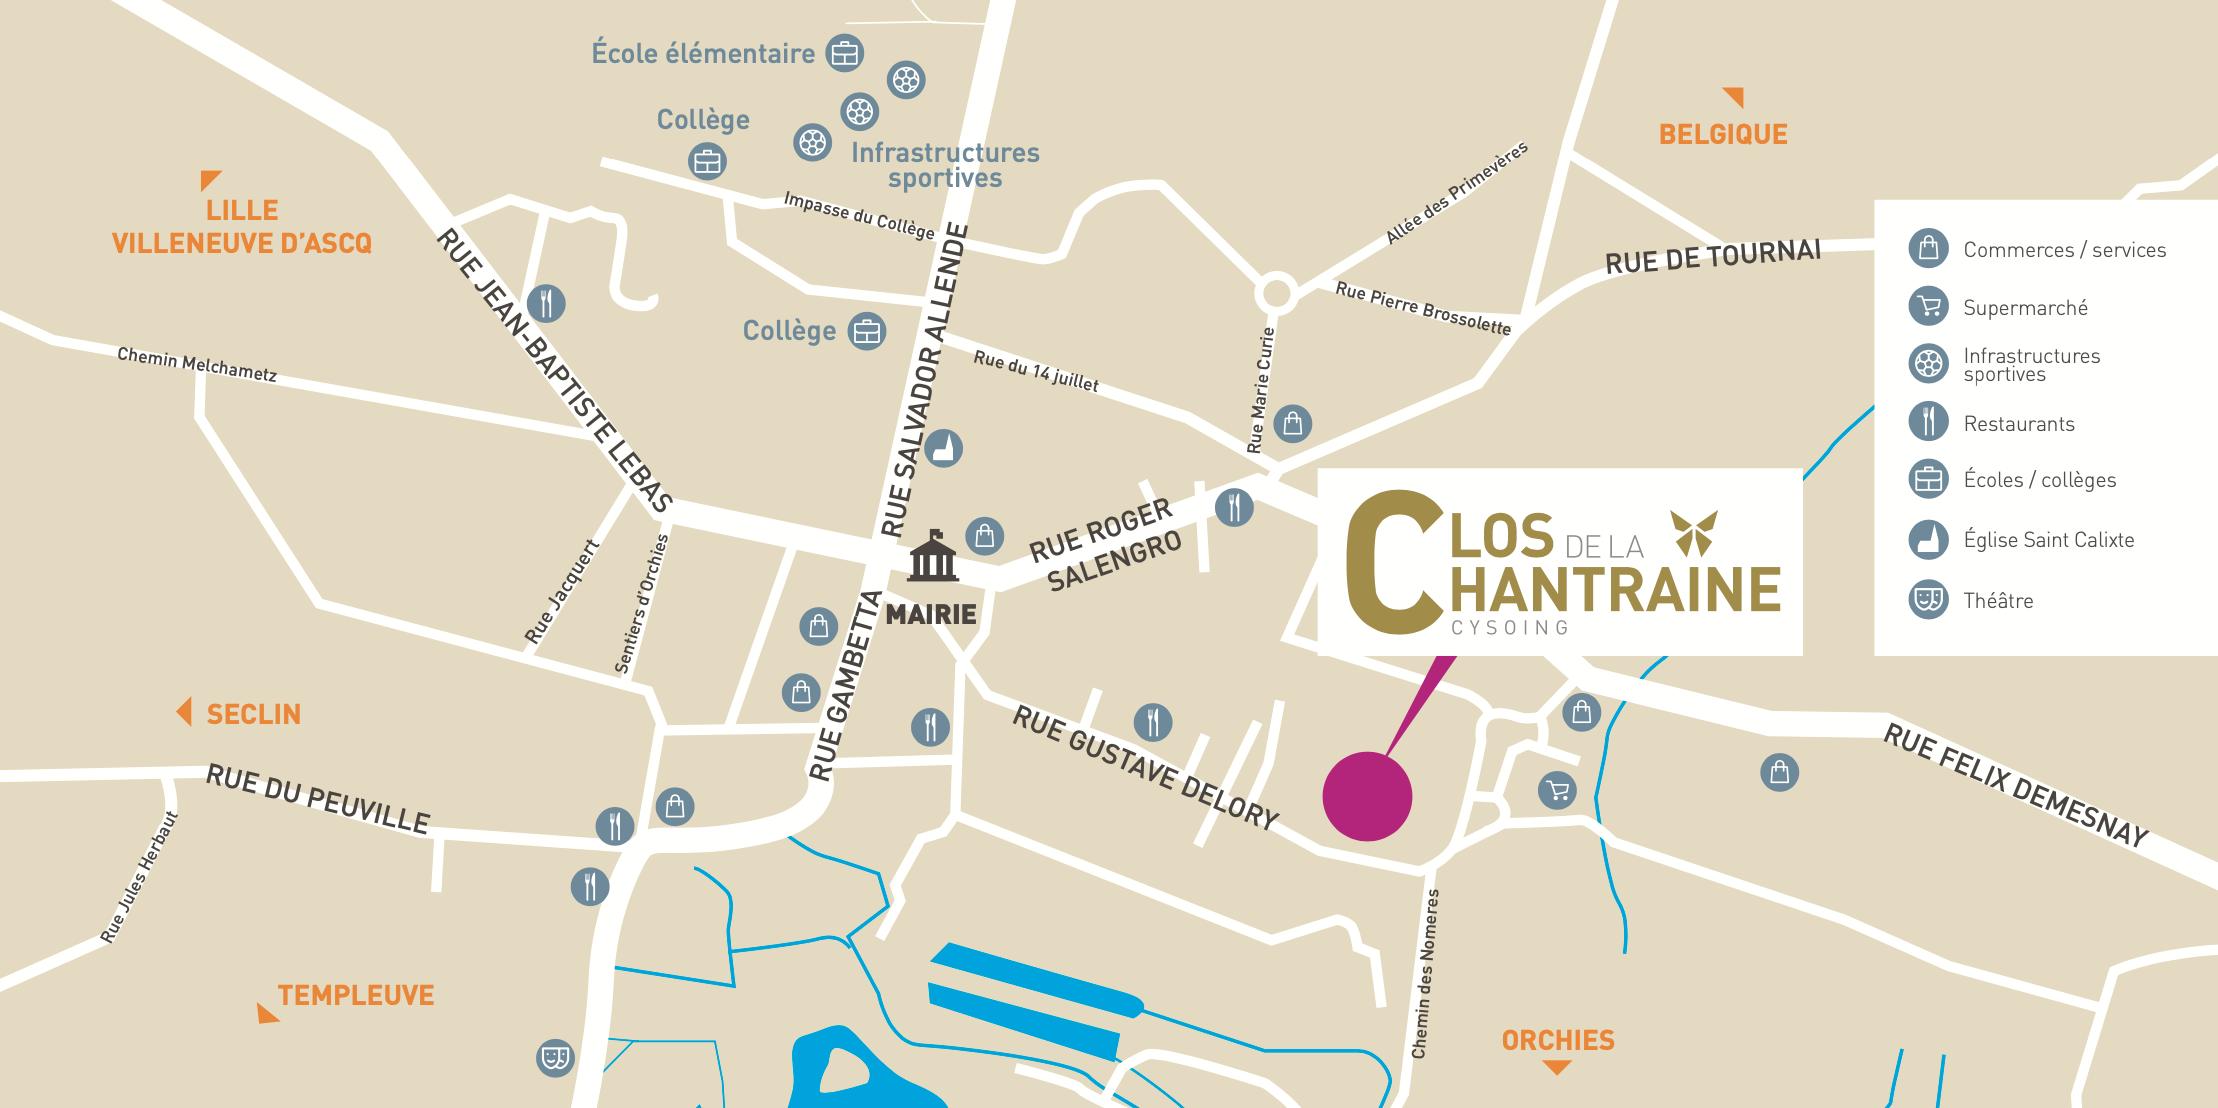 Google Map : LE CLOS DE LA CHANTRAINE